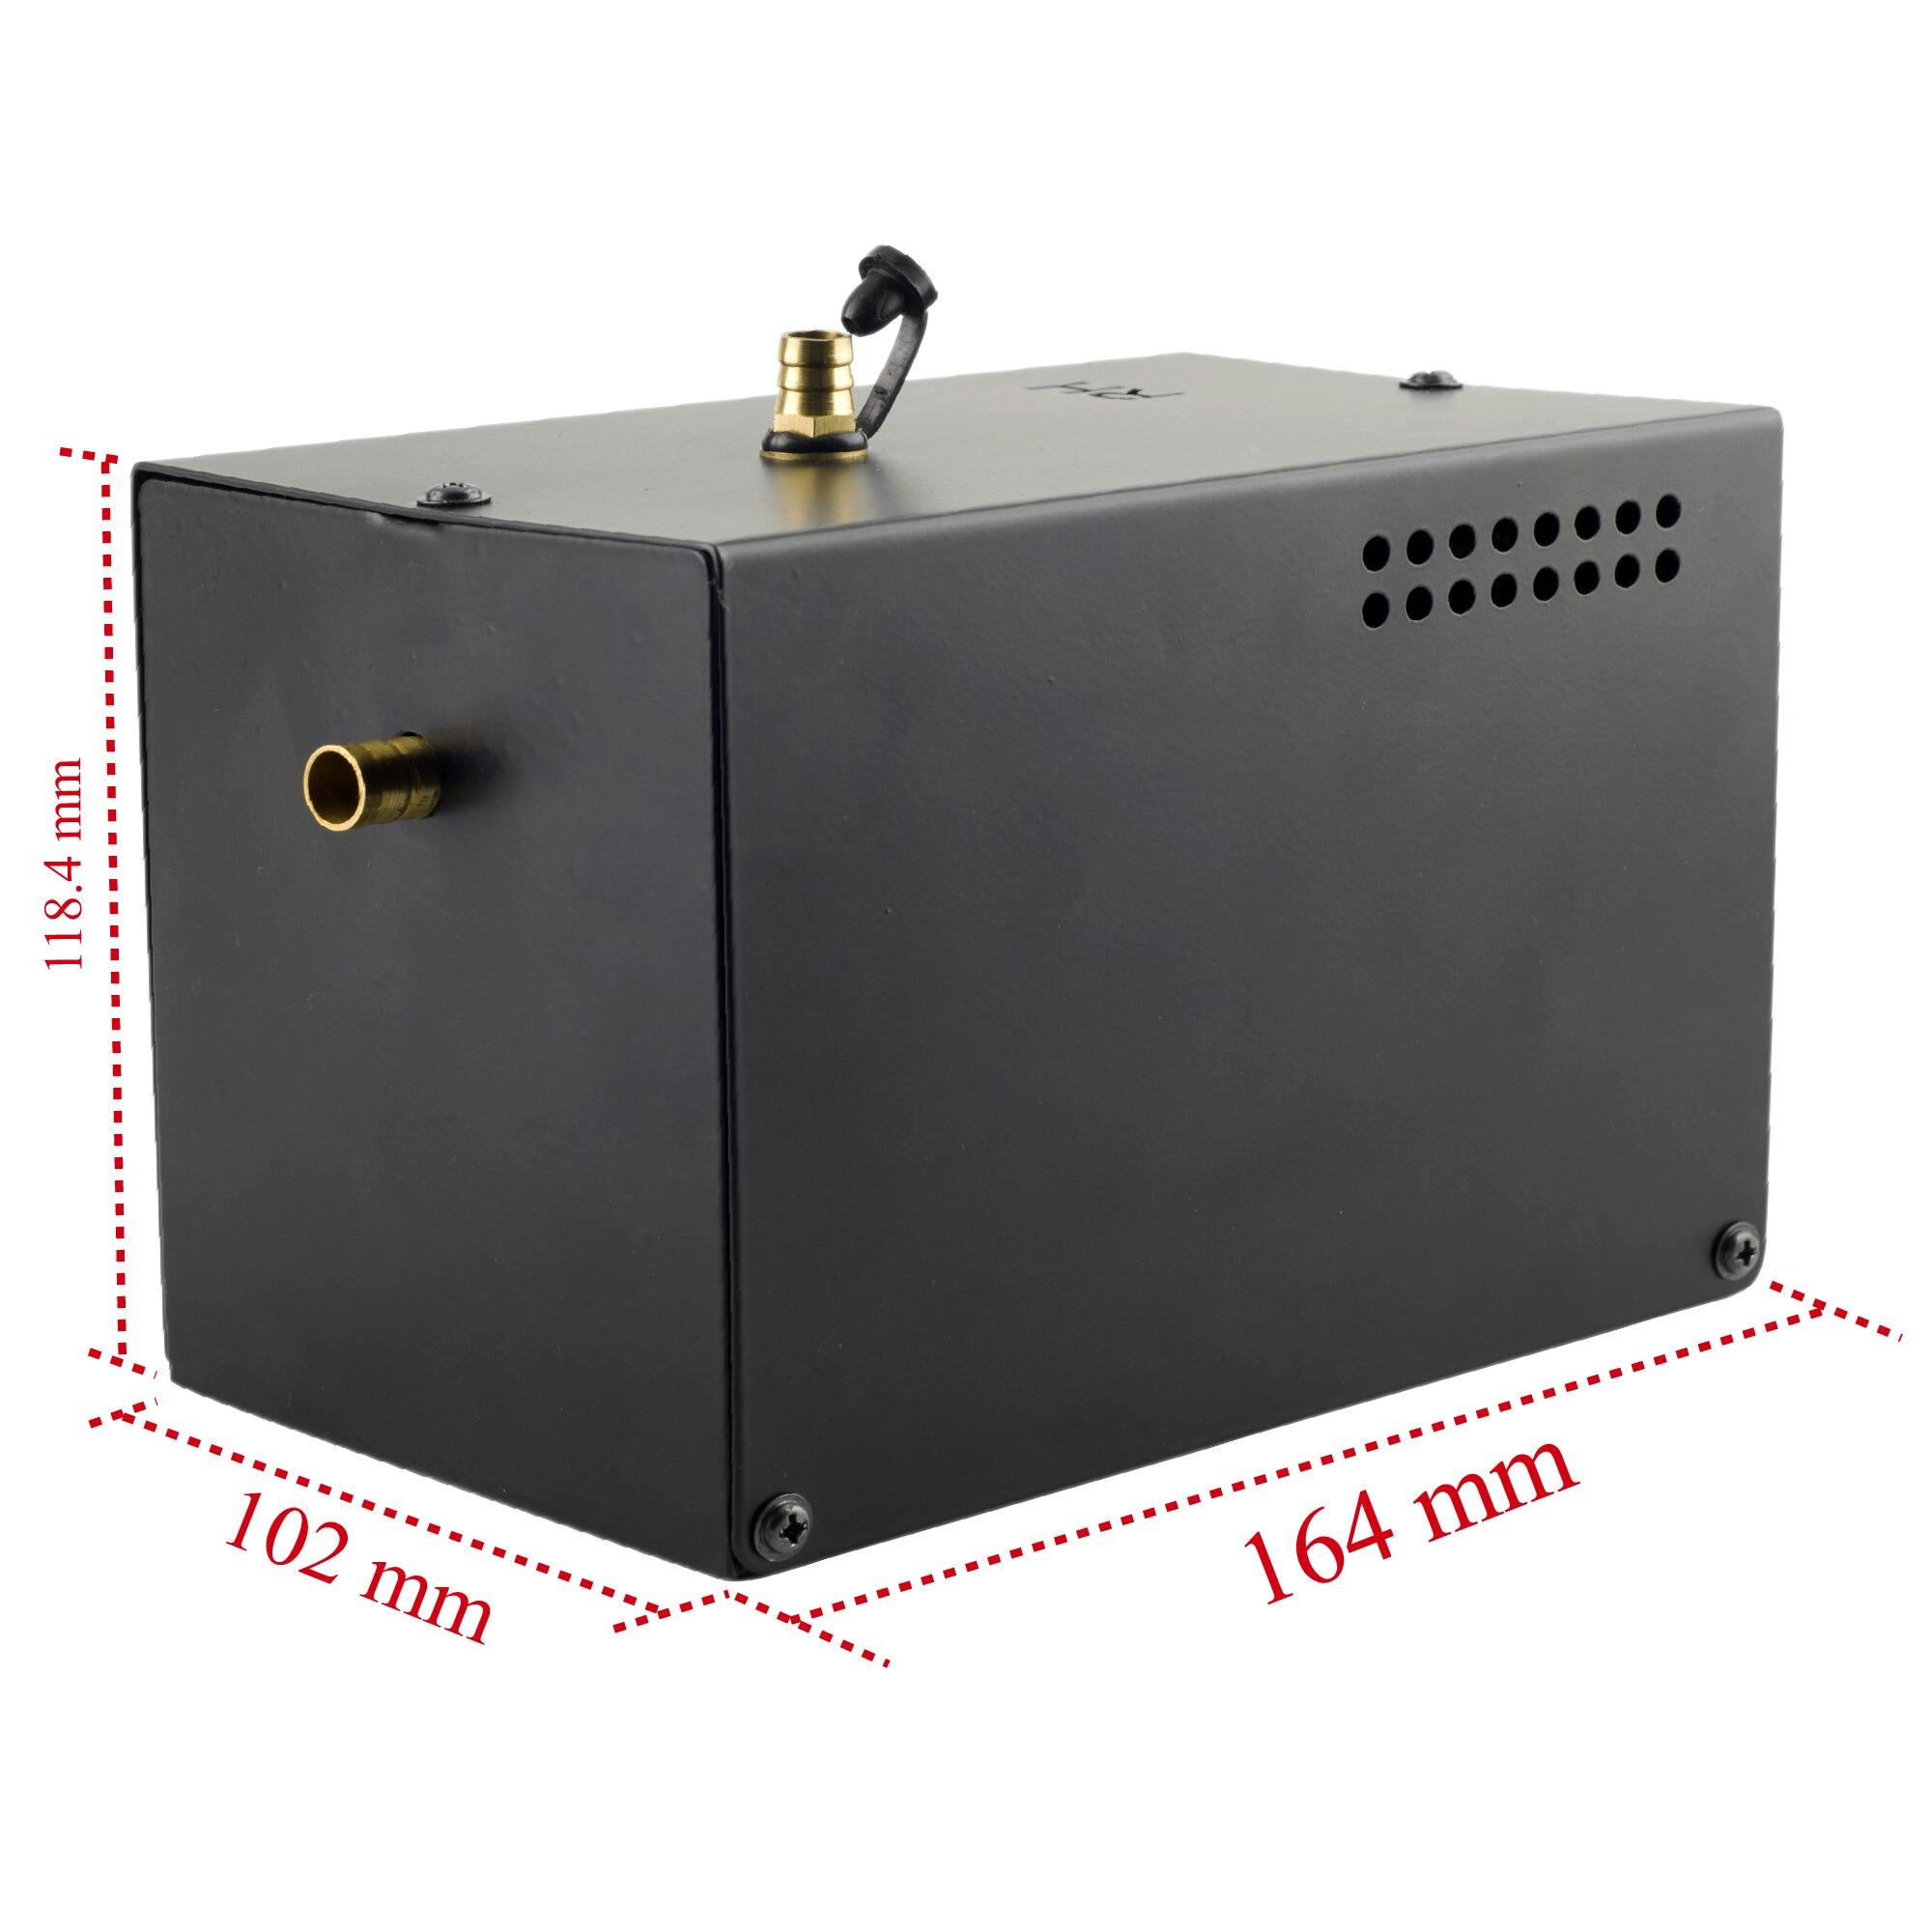 Rauch Tester für Auto Lkw Rohr Systeme Leck Detektor Diagnose werkzeug Rauch generator Vakuum Leck Erkennung Maschine